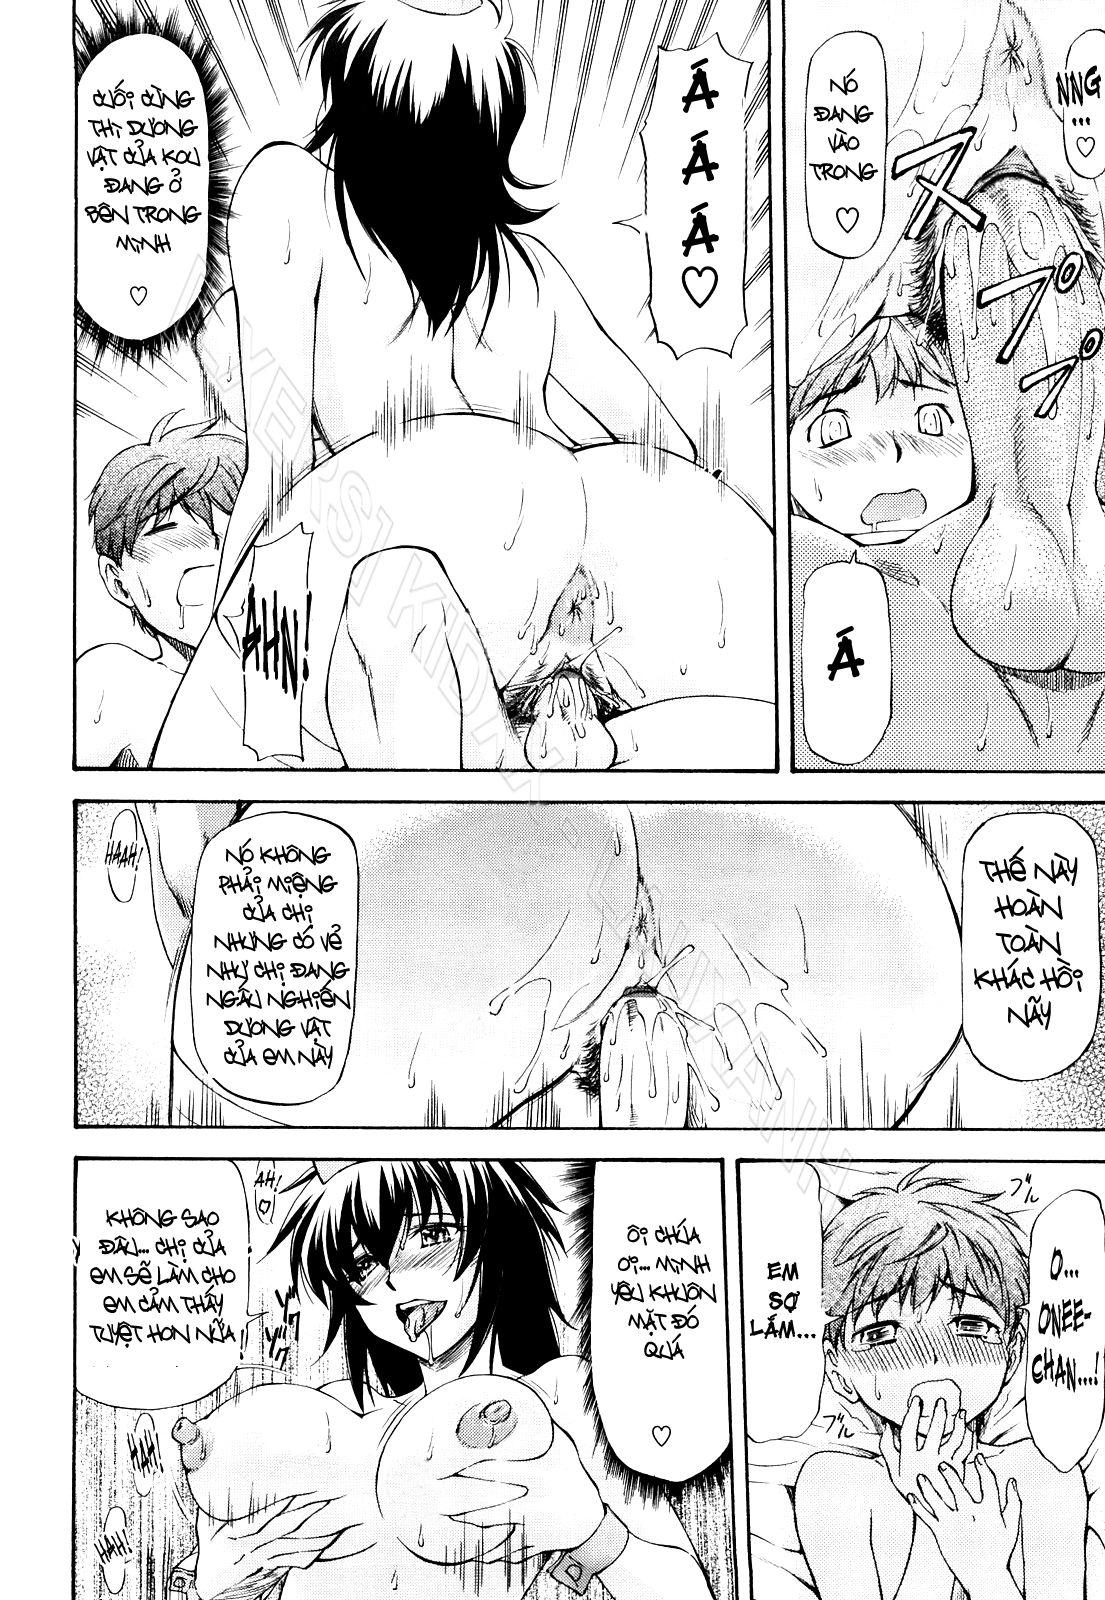 Wap truyện hentai tothichcau.org 144 Truyện Hentai Chị Họ làm y tá